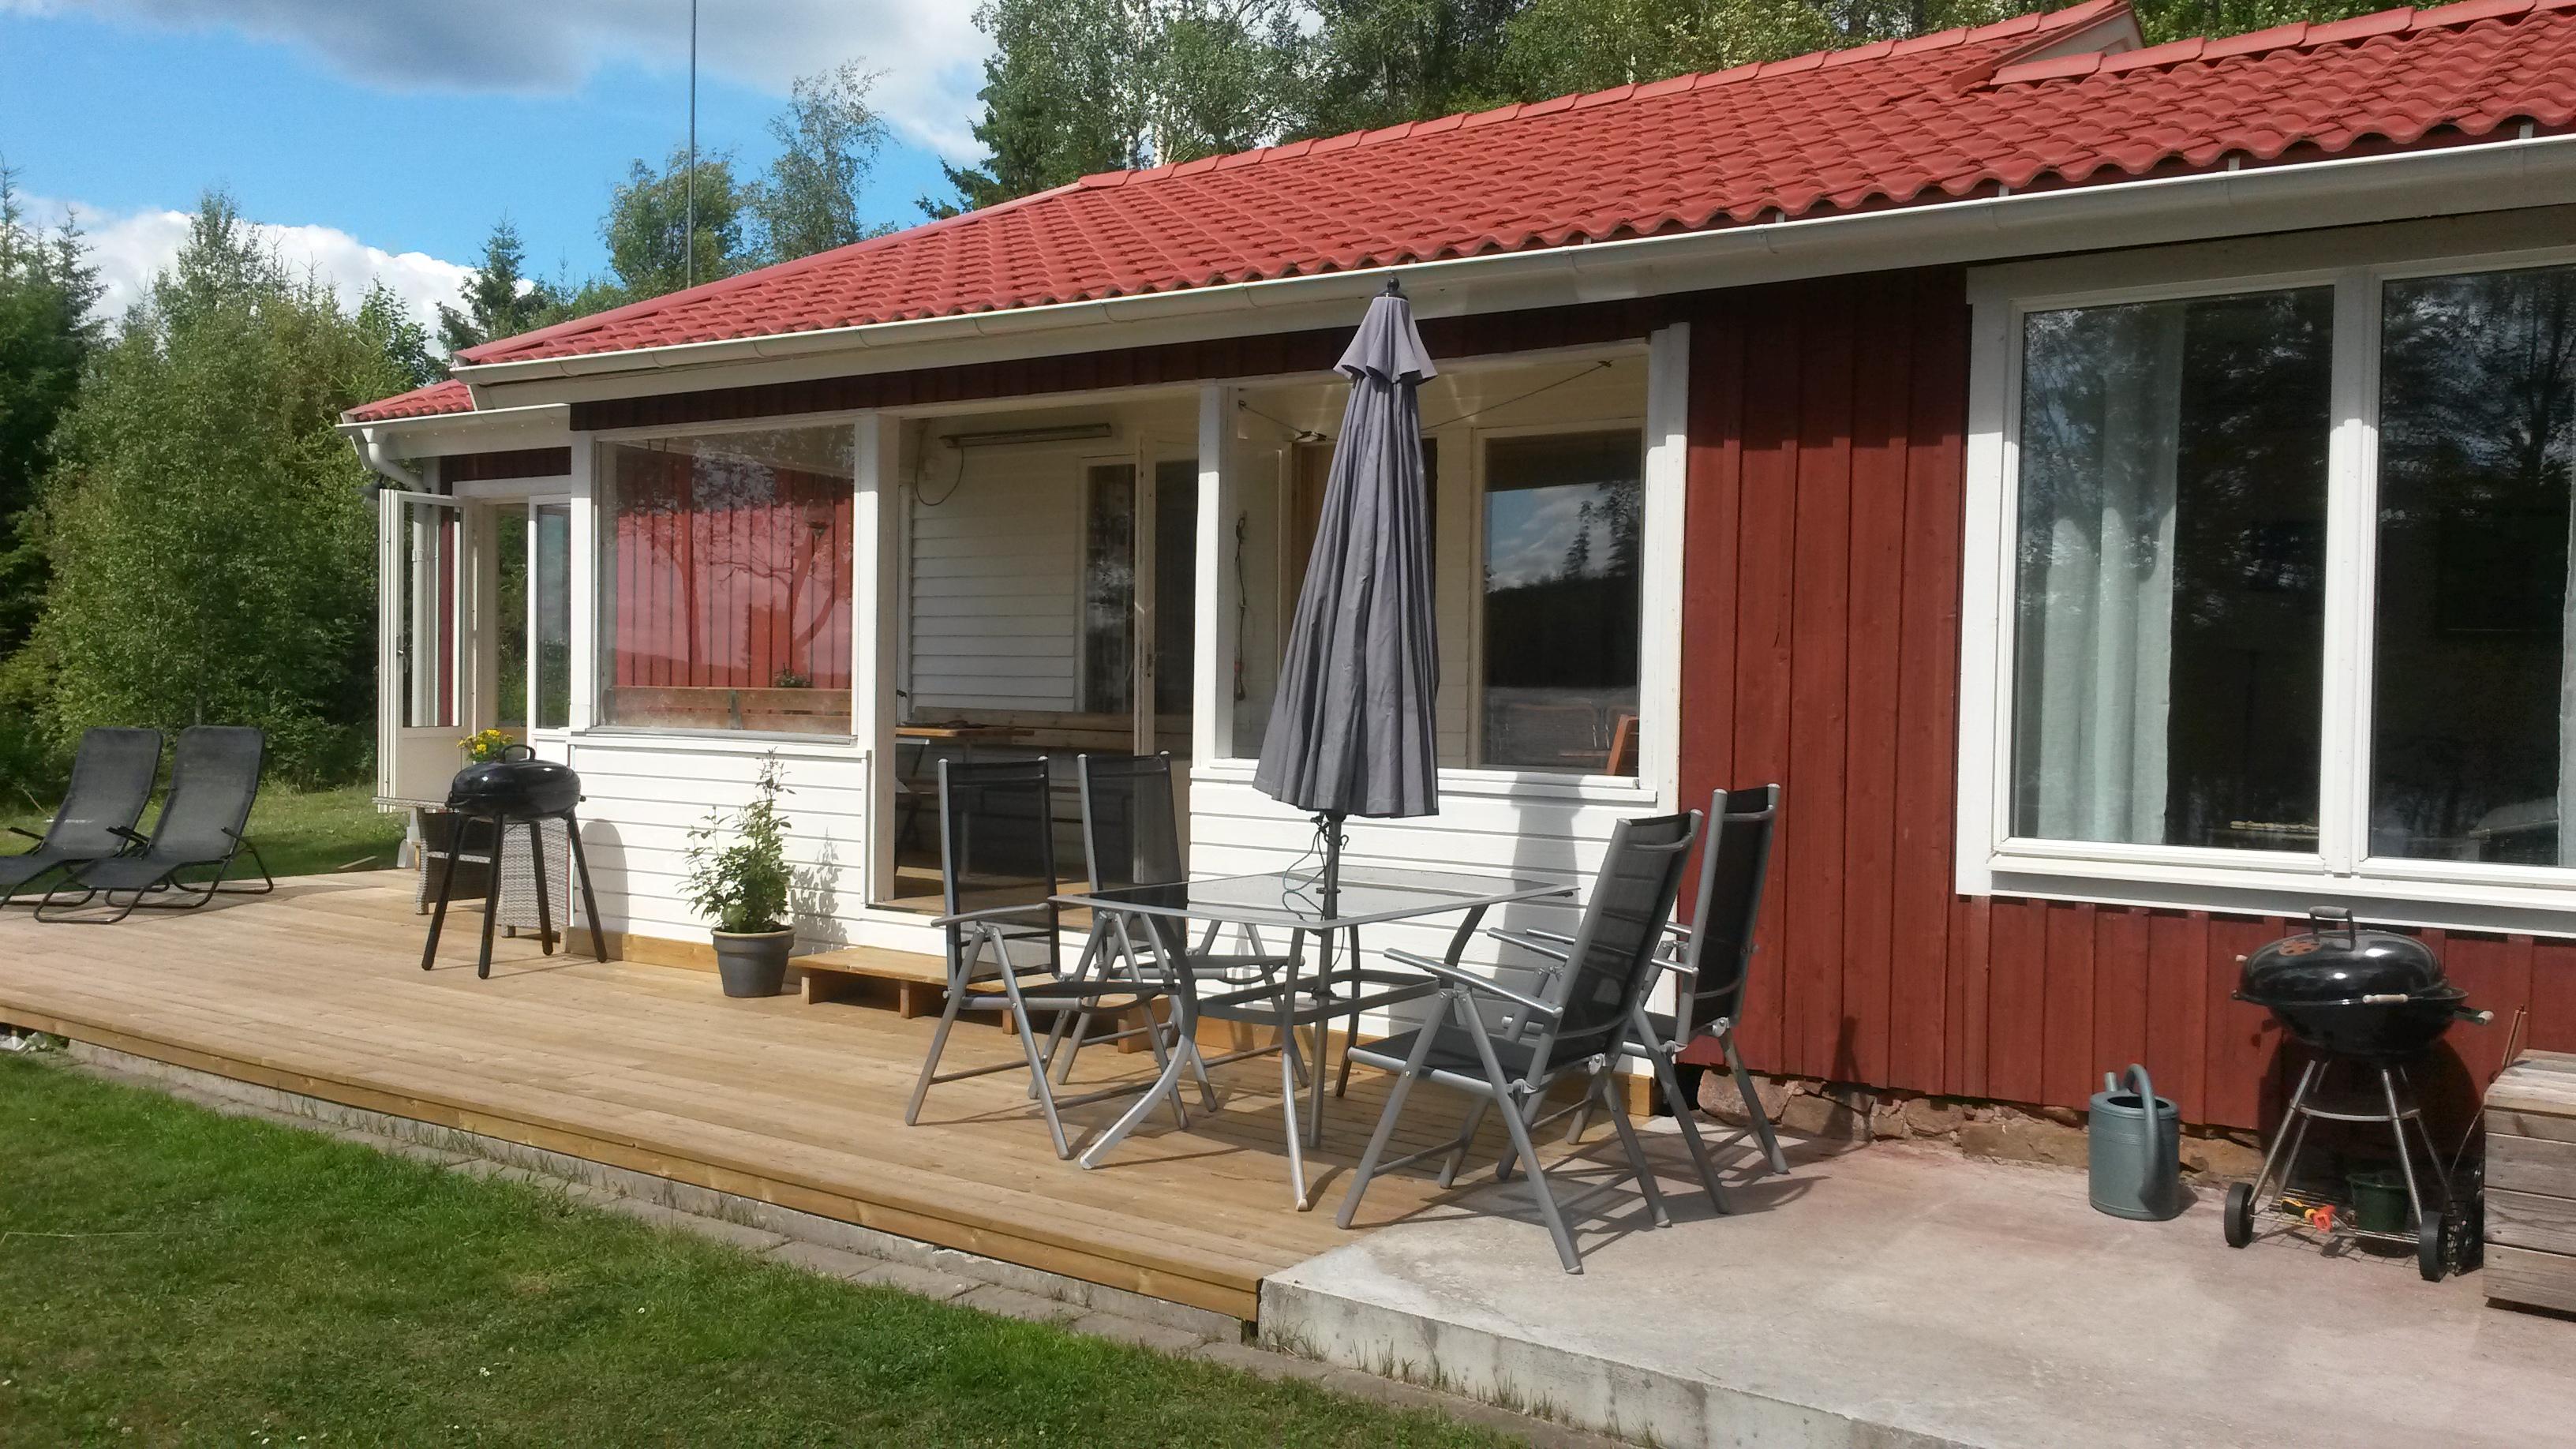 THE BEST 10 Social Clubs near Bjrkvgen 9, Bras, Sweden